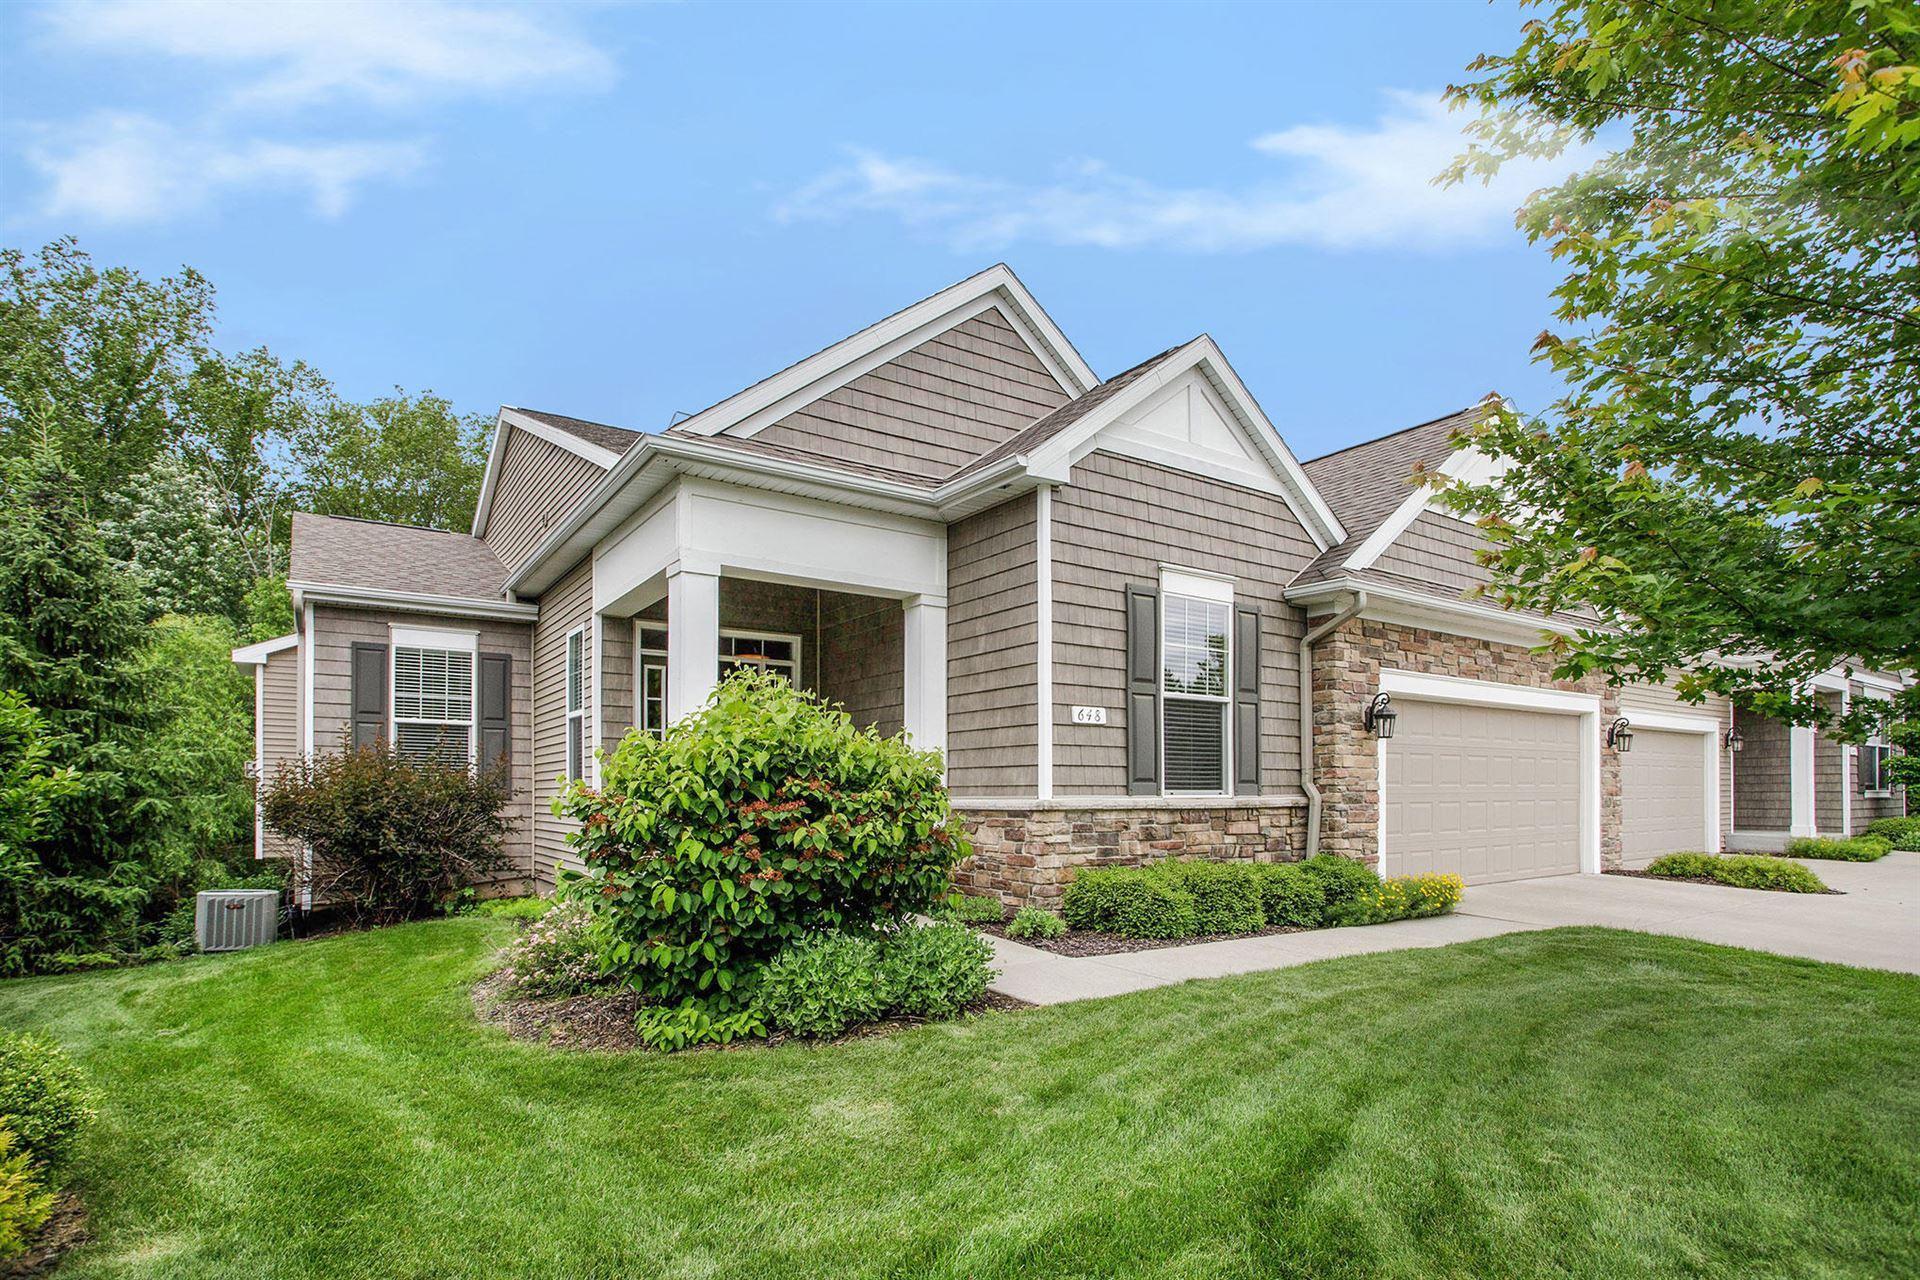 648 Wynding Oaks, Kalamazoo, MI 49006 - MLS#: 21024597